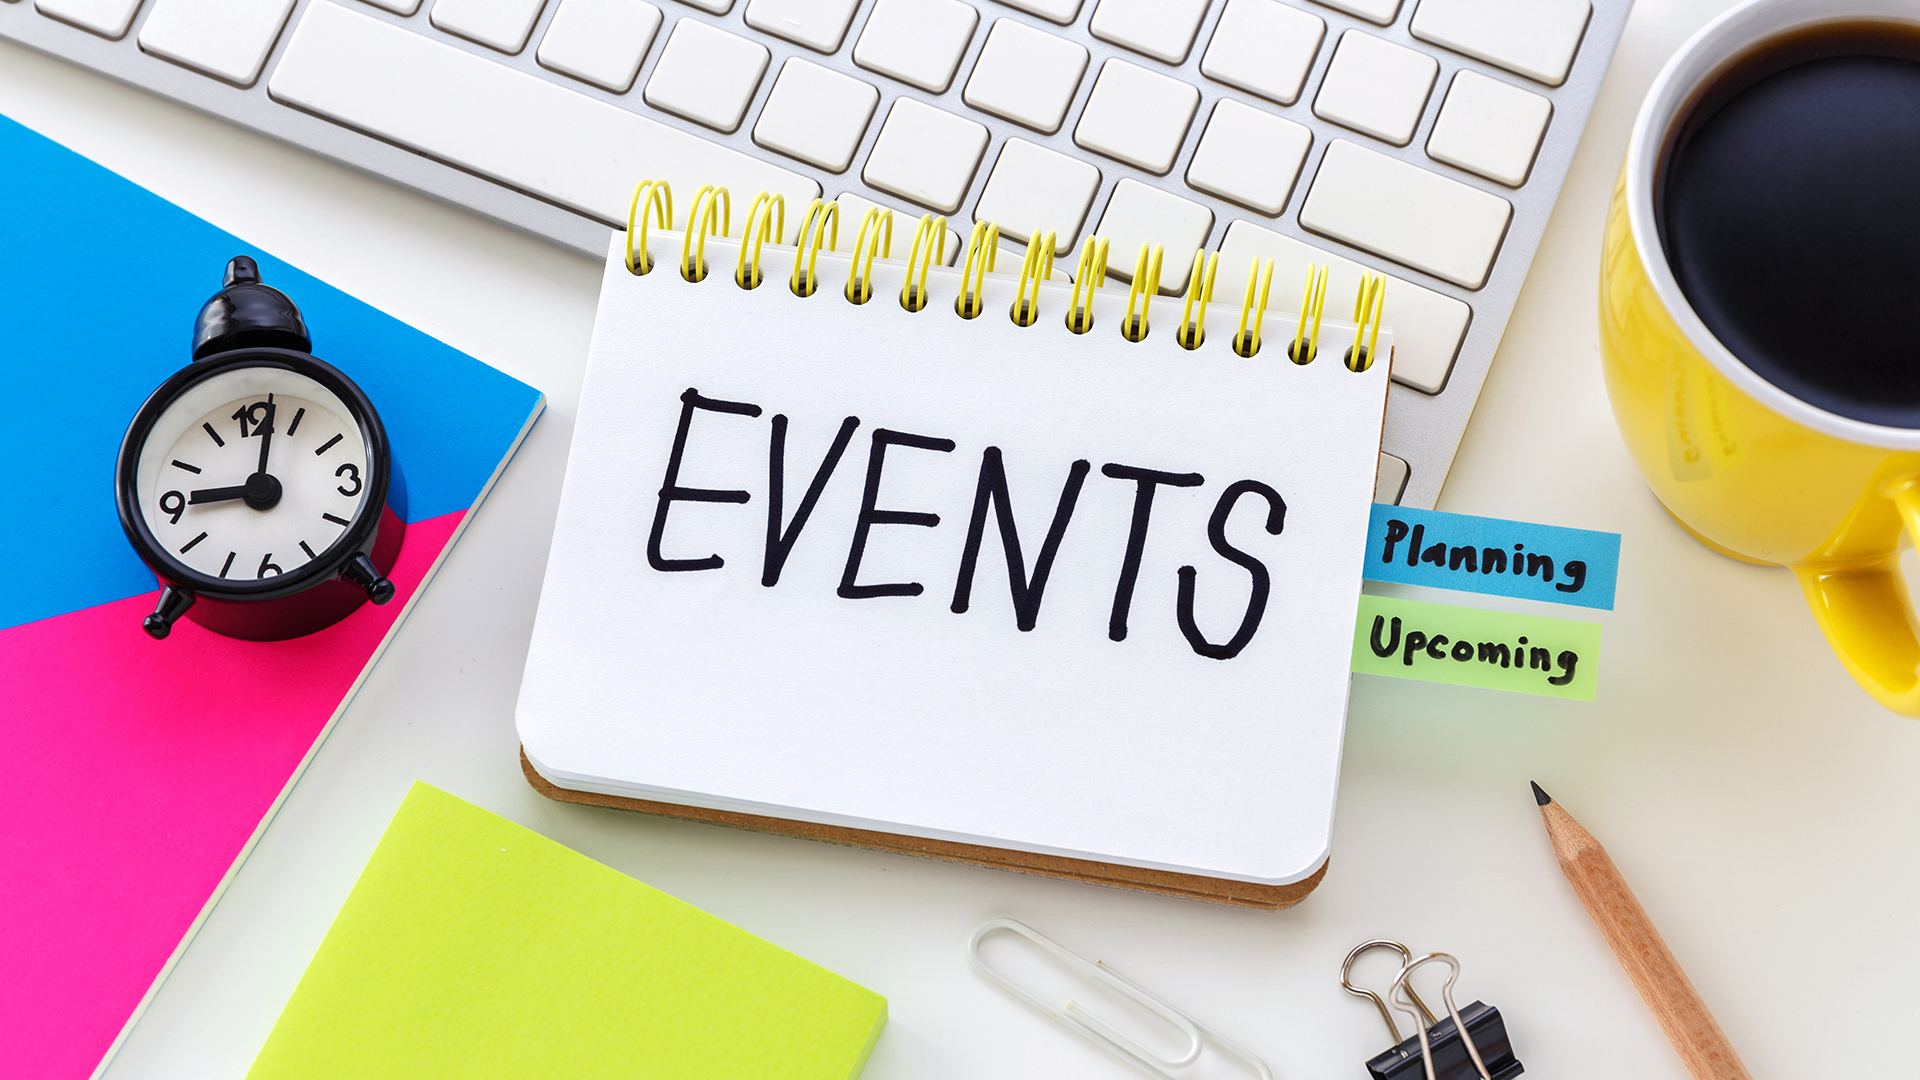 """បដារូបភាពនាឡិកាតូចដែលបង្ហាញម៉ោង 9:00 ជាមួយនឹងរូបភាពសៀវភៅកត់ត្រាដែលសរសេរថា """"EVENTS"""" និងថេបតូចៗចំនួនពីរដែលសរសេរថា """"planning"""" និង""""upcoming"""" និងរូបភាពពែងពីចំហៀងមានពណ៌លឿងដែលមានកាហ្វេខ្មៅ។"""